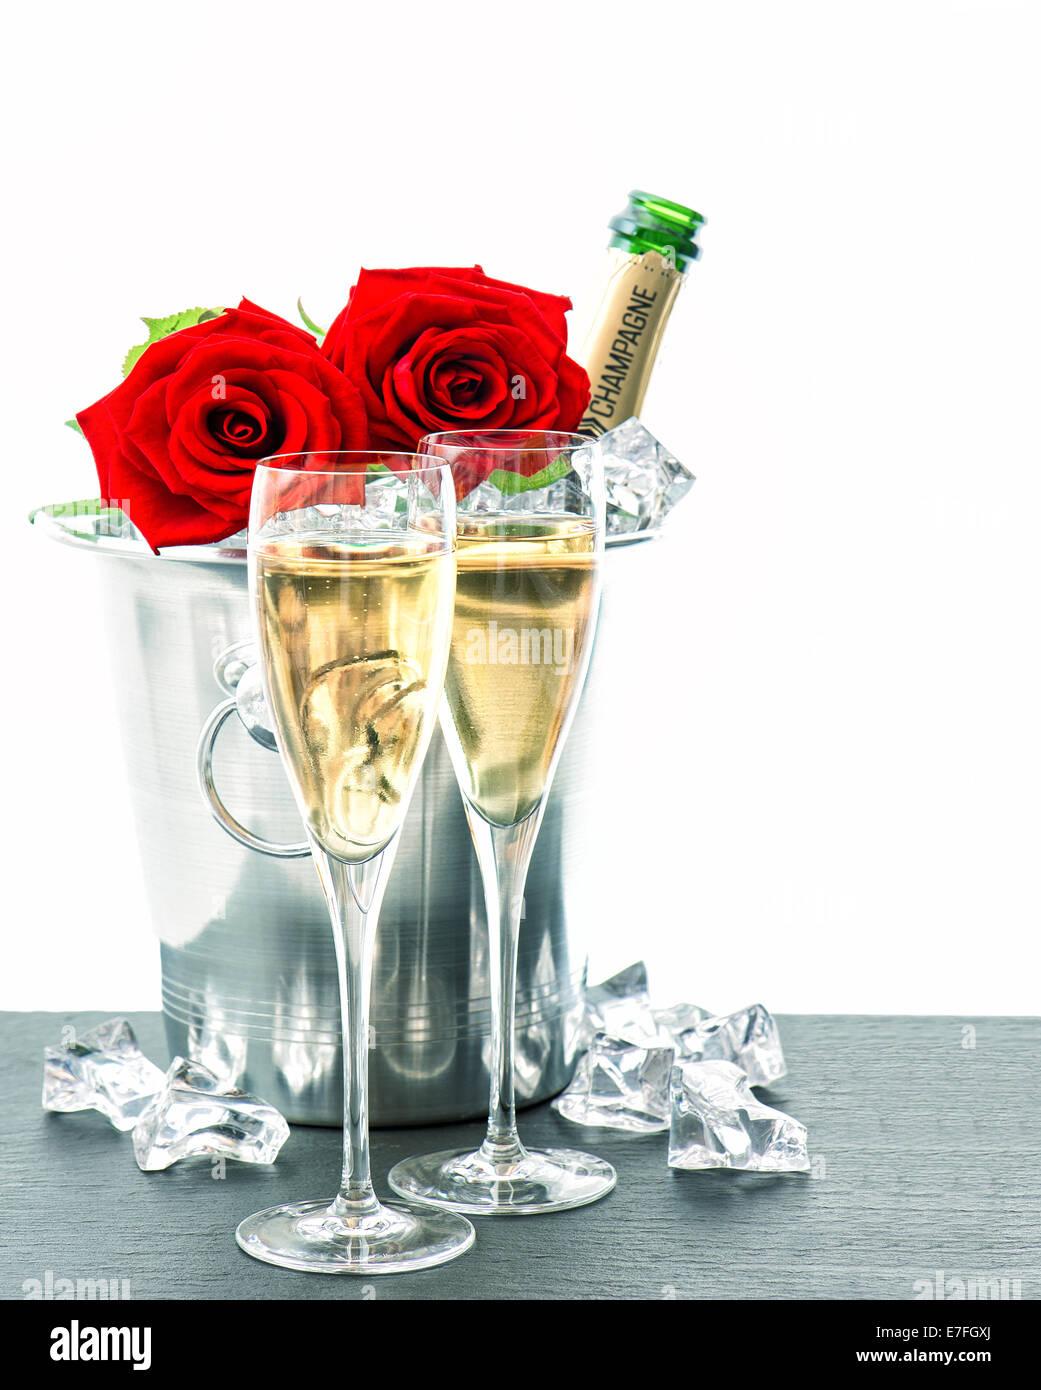 Mazzo Di Fiori E Spumante.Due Bicchieri Bottiglia Di Champagne E Rose Rosse La